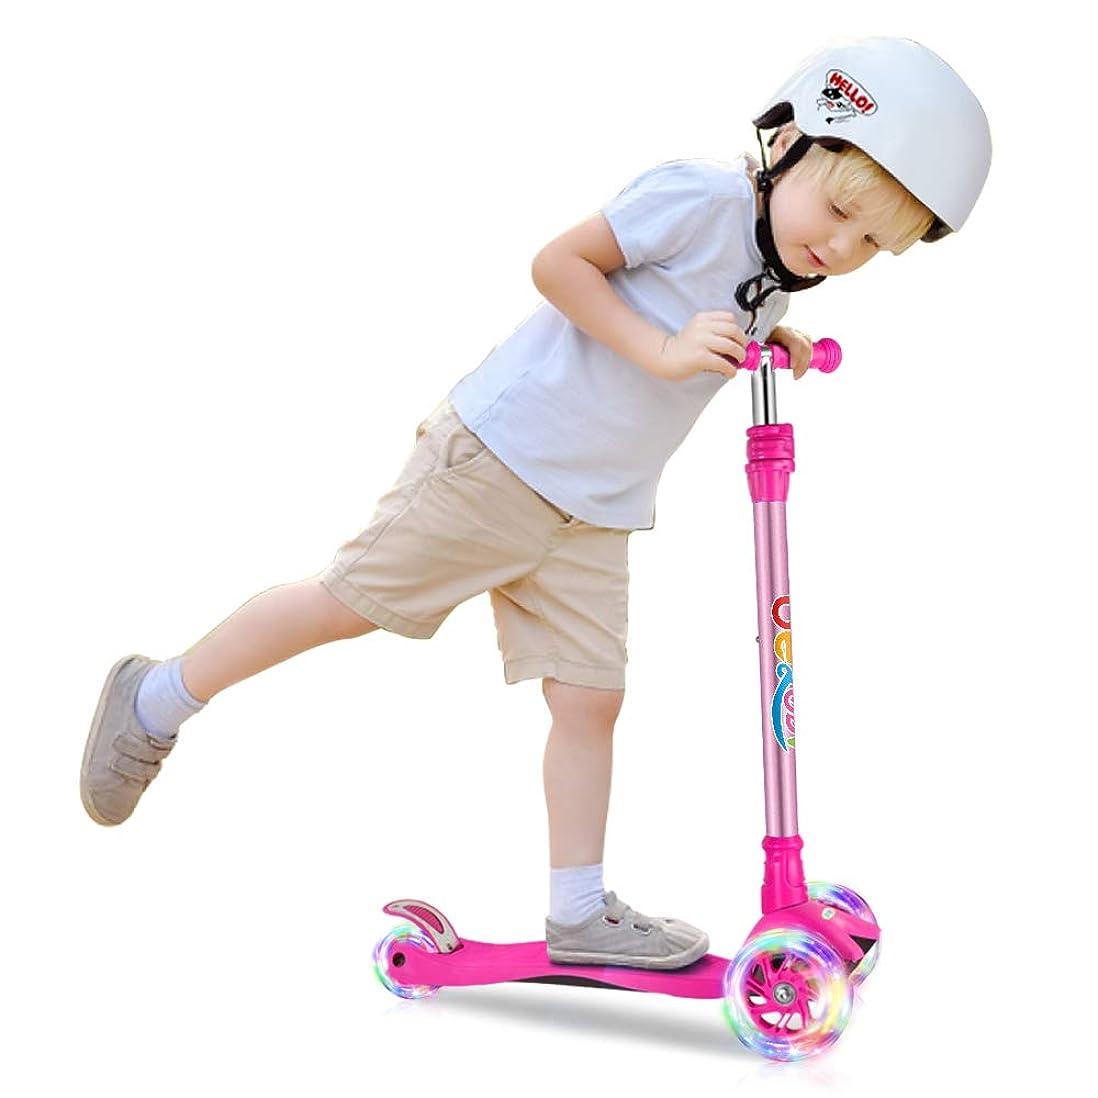 キリマンジャロカヌーマトロンBELEEV キックボード 子供用 キックスクーター 3輪 スクーター LED 光るホイール ブレーキ付き 4段階調節可能 3-13歳に向け ギフトに最適